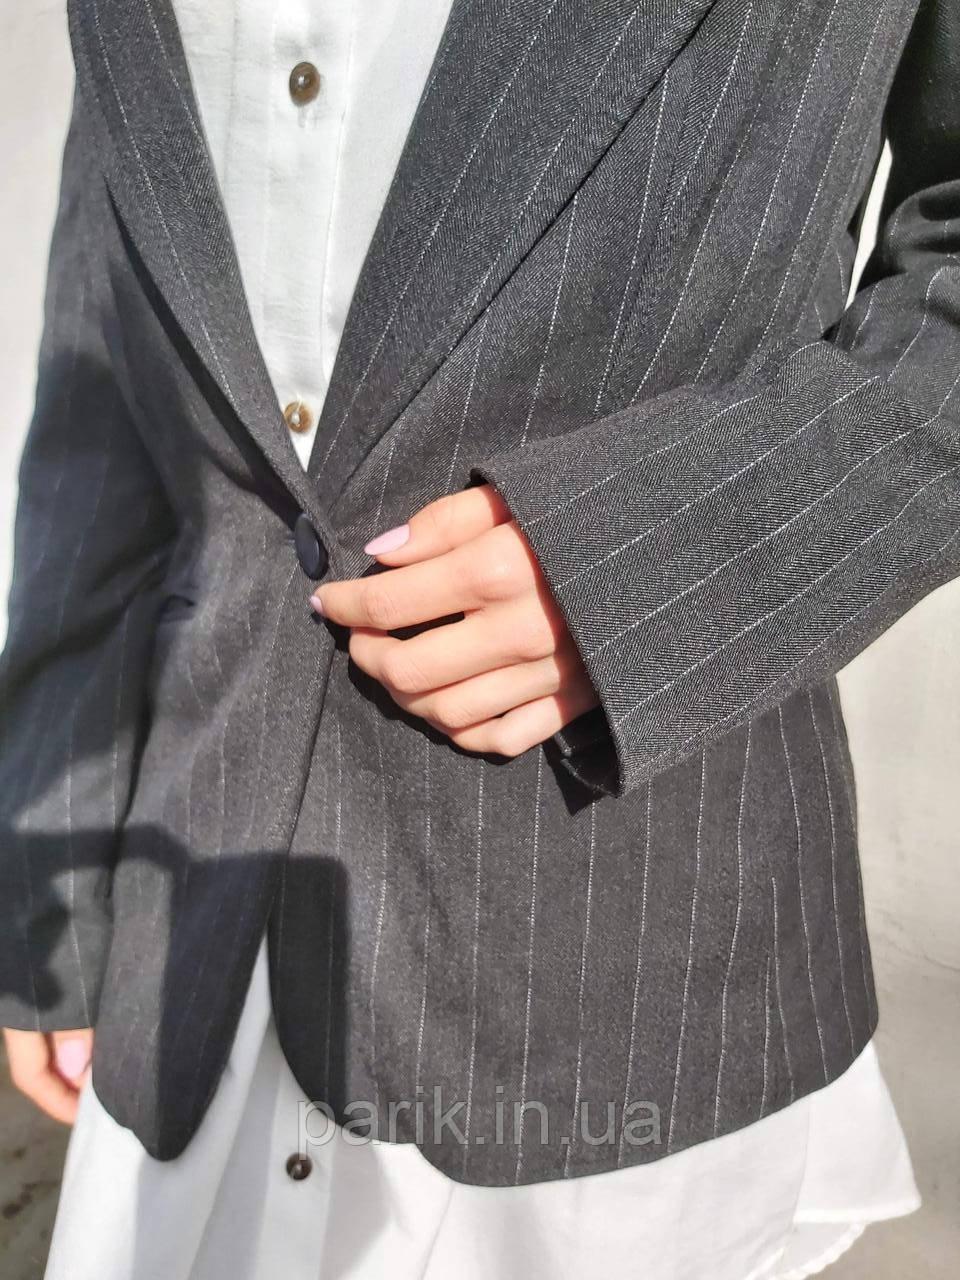 Женский стильный черный жакет. пиджак для девушки